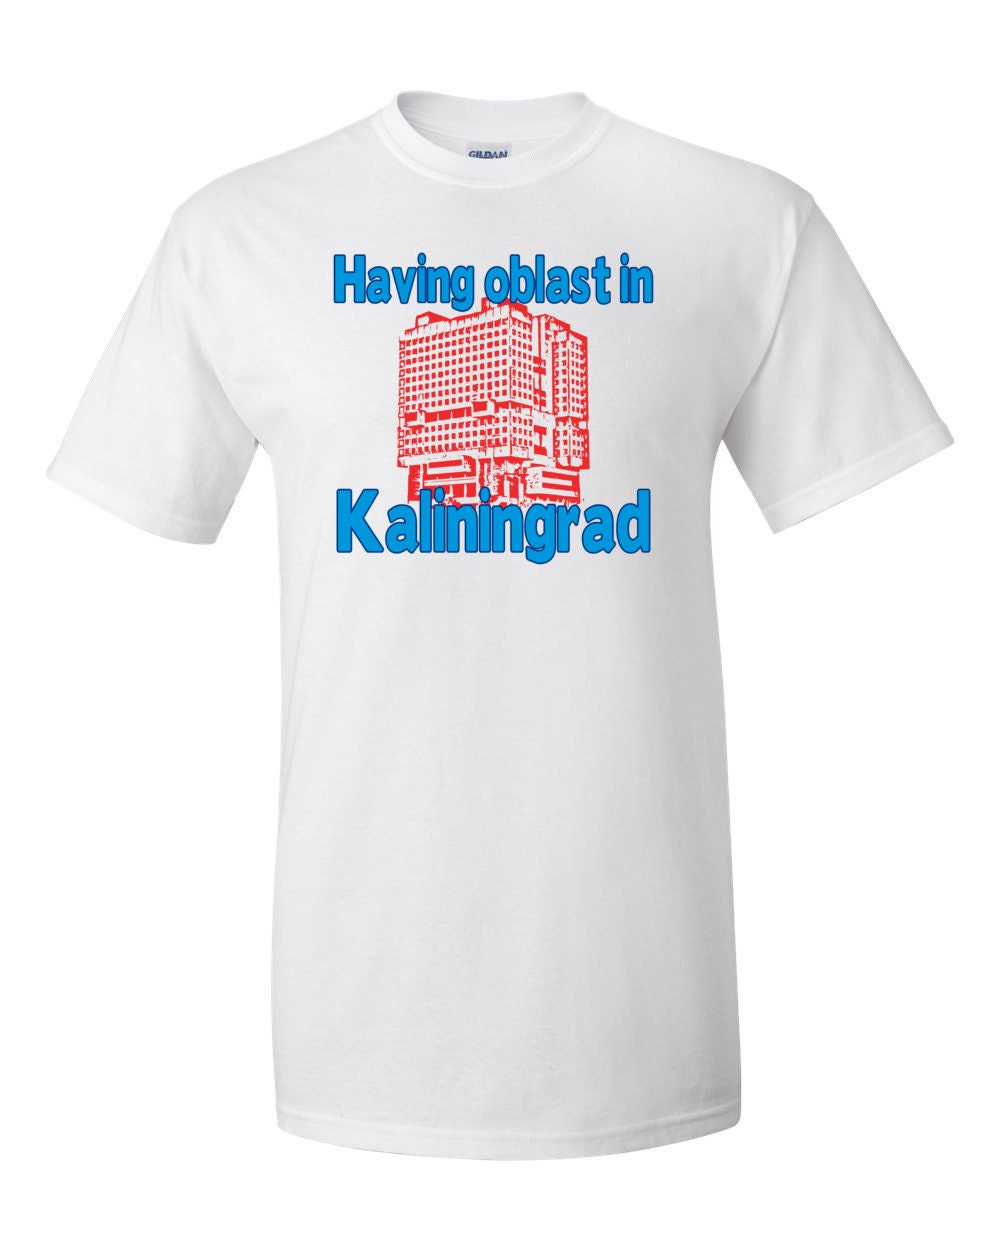 Kaliningrad T-shirt - Having Oblast In Kaliningrad - Russian T-shirt